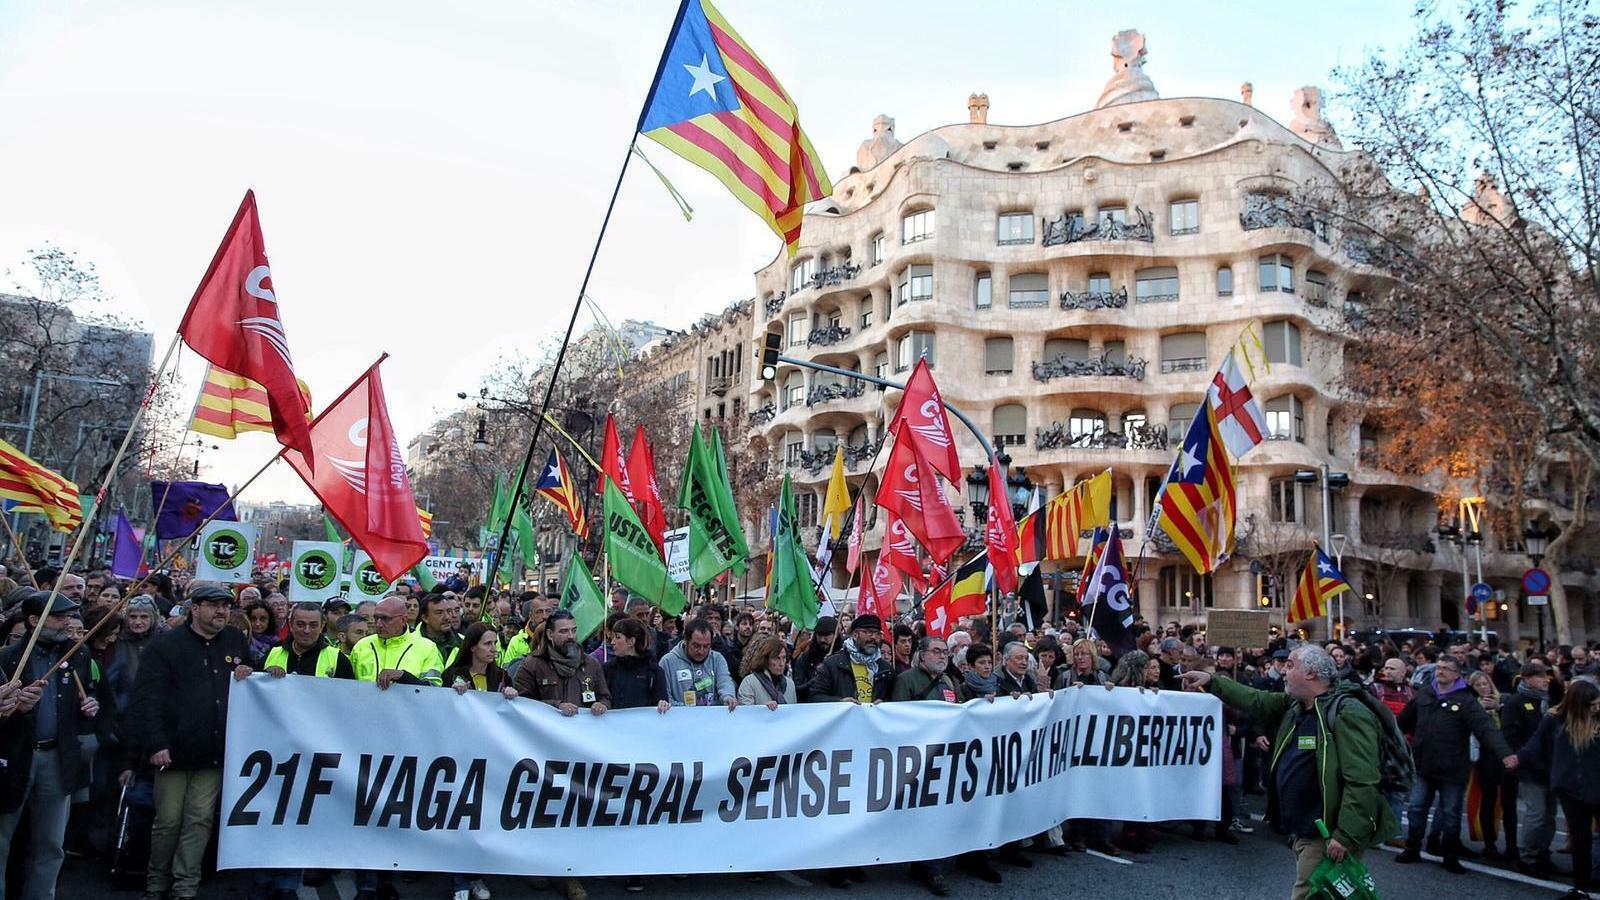 La capçalera de la manifestació, a la cruïlla del passeig de Gràcia i el carrer Provença